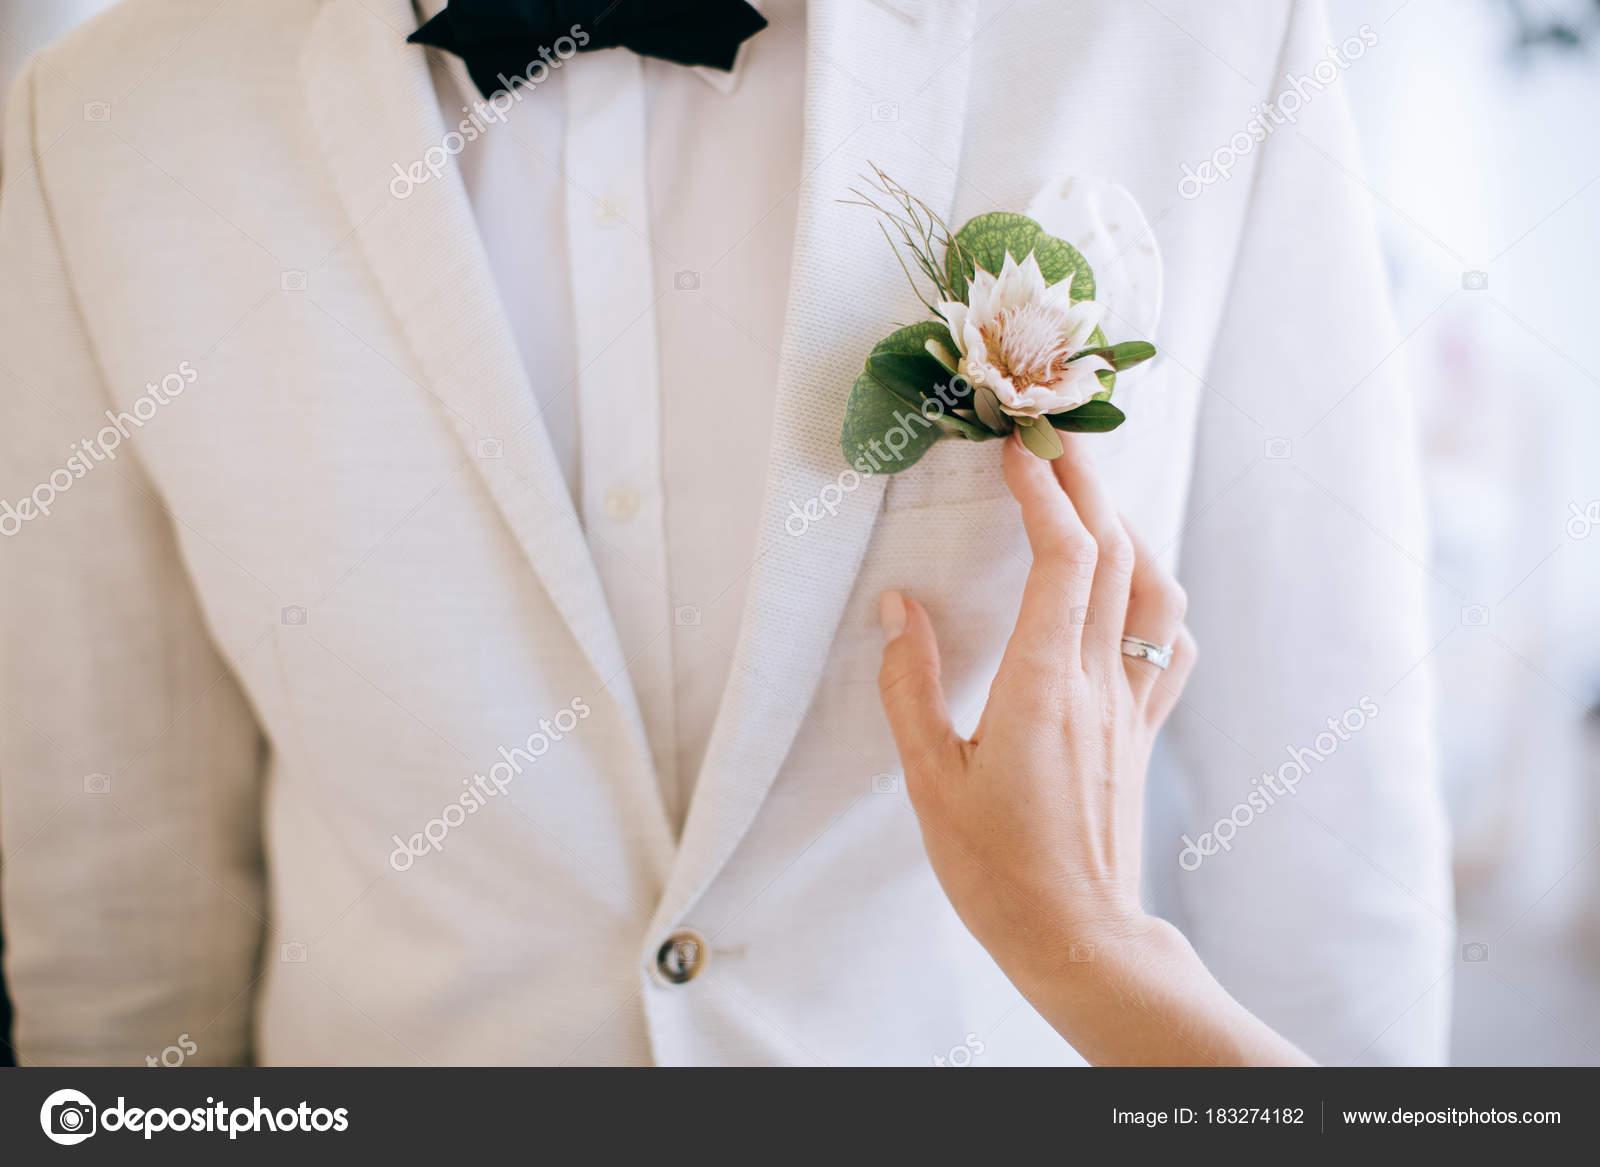 Groom White Wedding Suit — Stock Photo © beorm #183274182